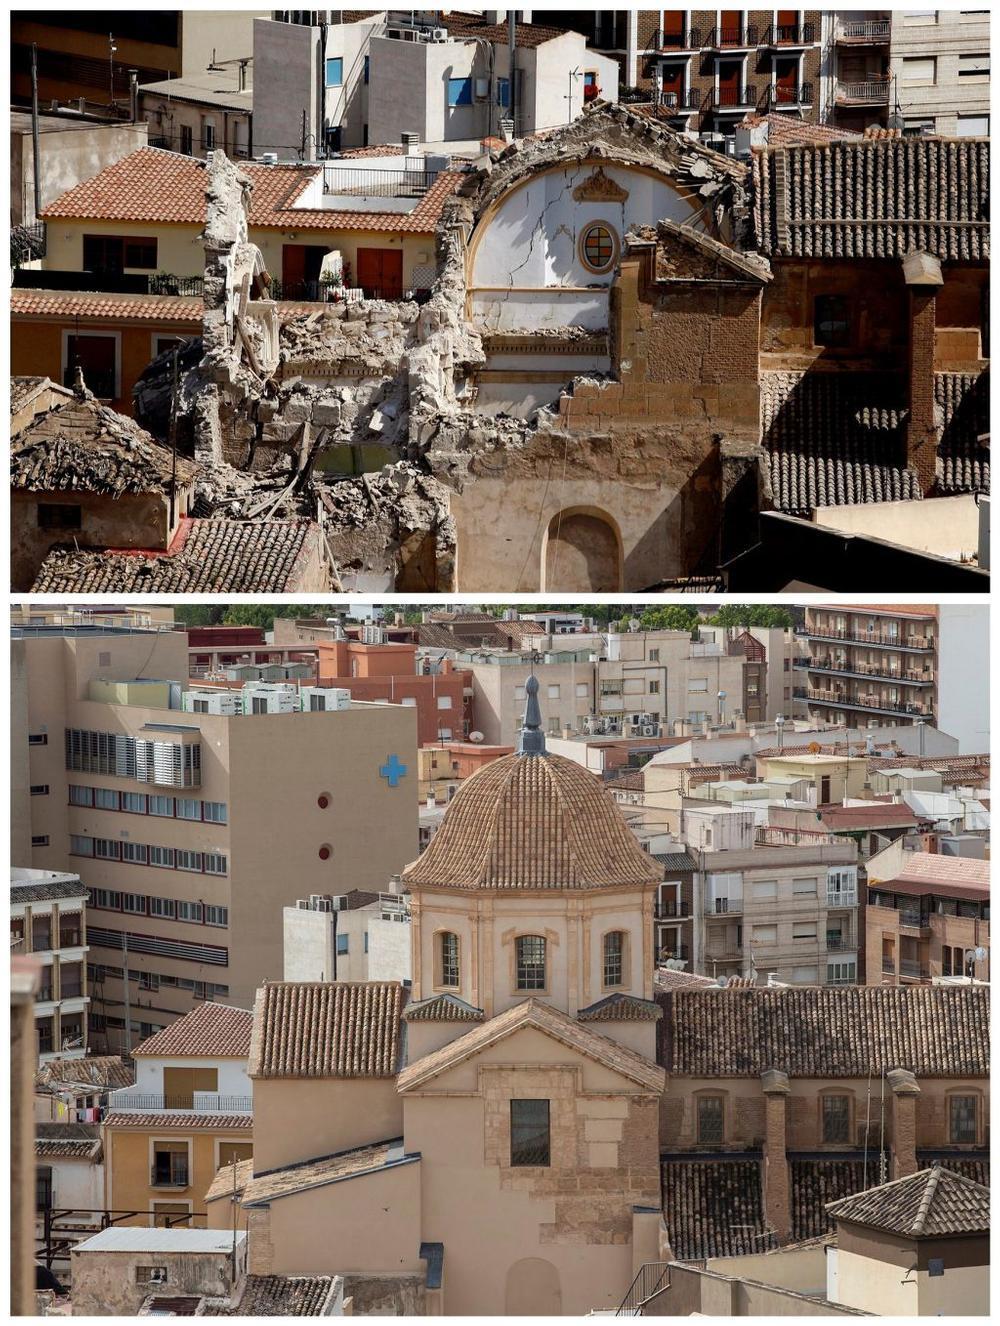 Imágenes de la Iglesia de Santiago de Lorca, la de arriba del 14 de mayo de 2011, tras el terremoto y la de abajo tomada ayer.